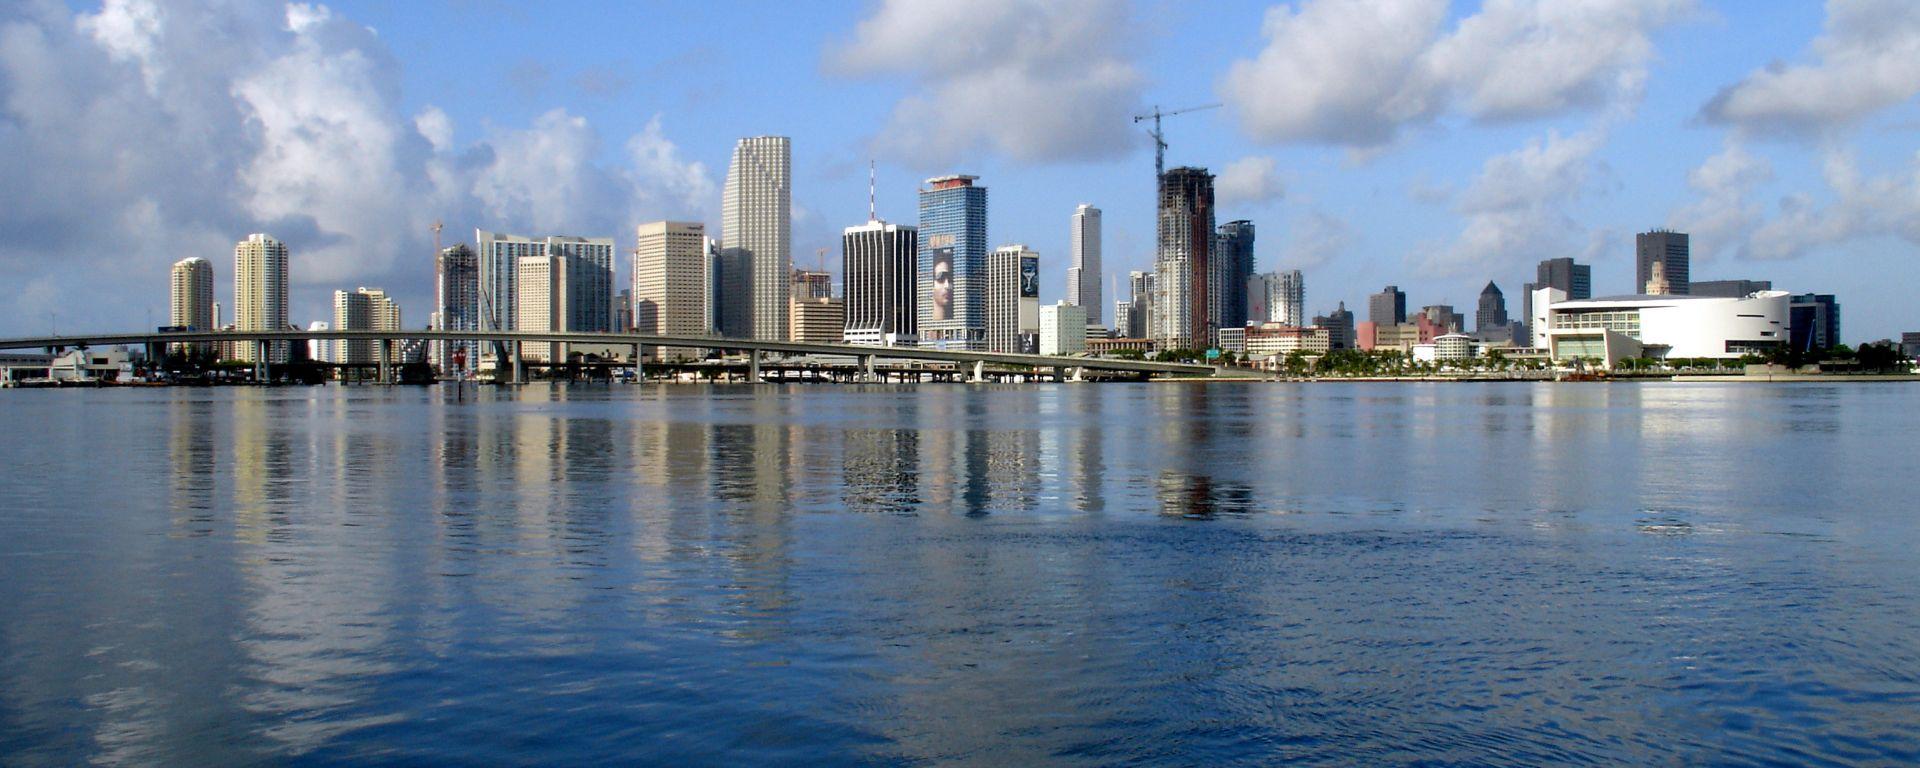 Lo skyline della città di Miami, Florida | Foto: Wikipedia